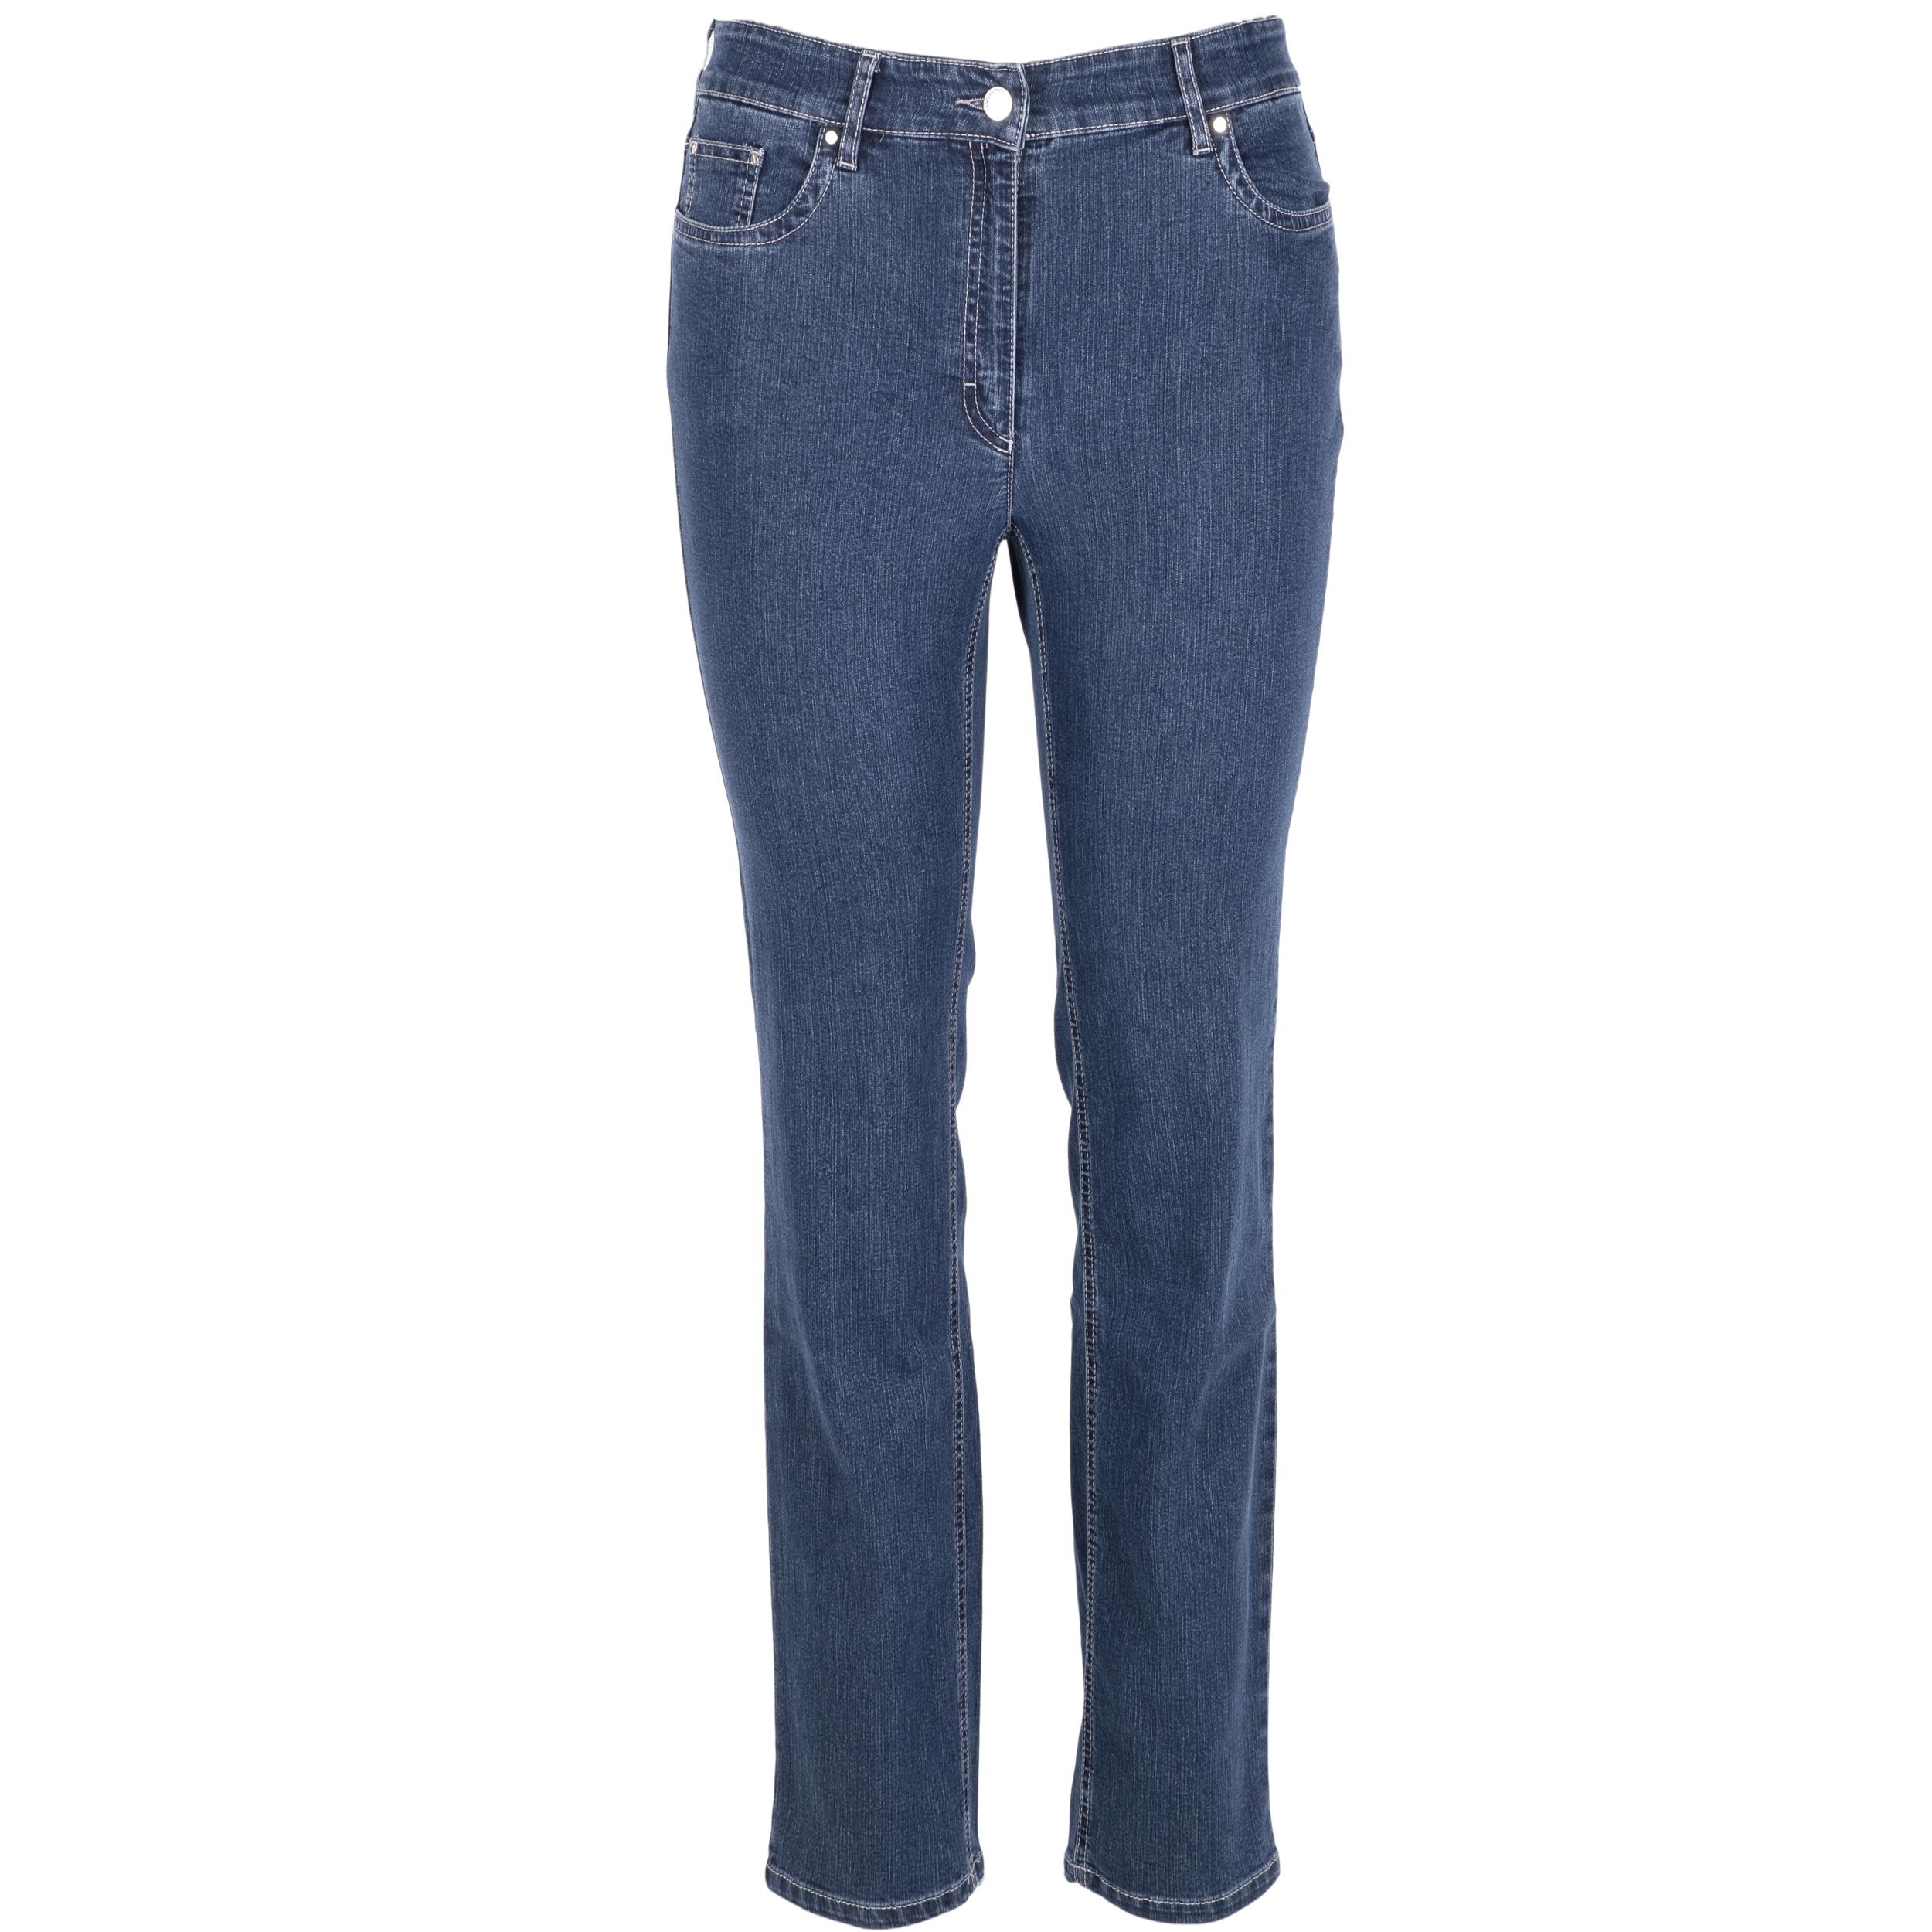 Zerres Damen Jeans Cora comfort S 23 blau